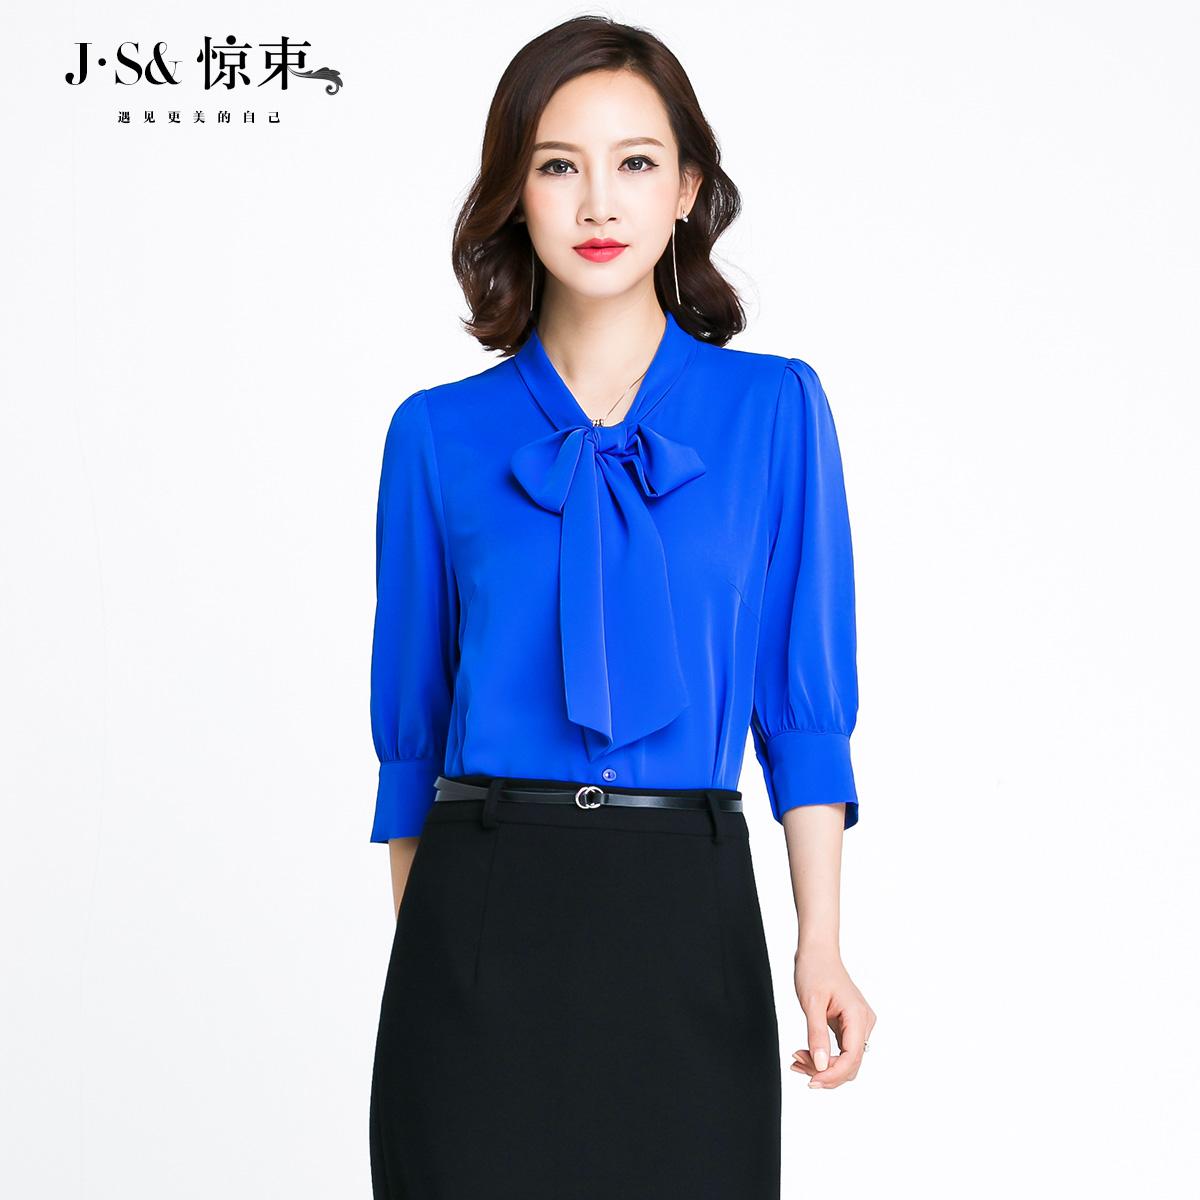 大码雪纺衬衫女新款夏上衣洋气蝴蝶结宽松短袖打底衫职业蓝色衬衣